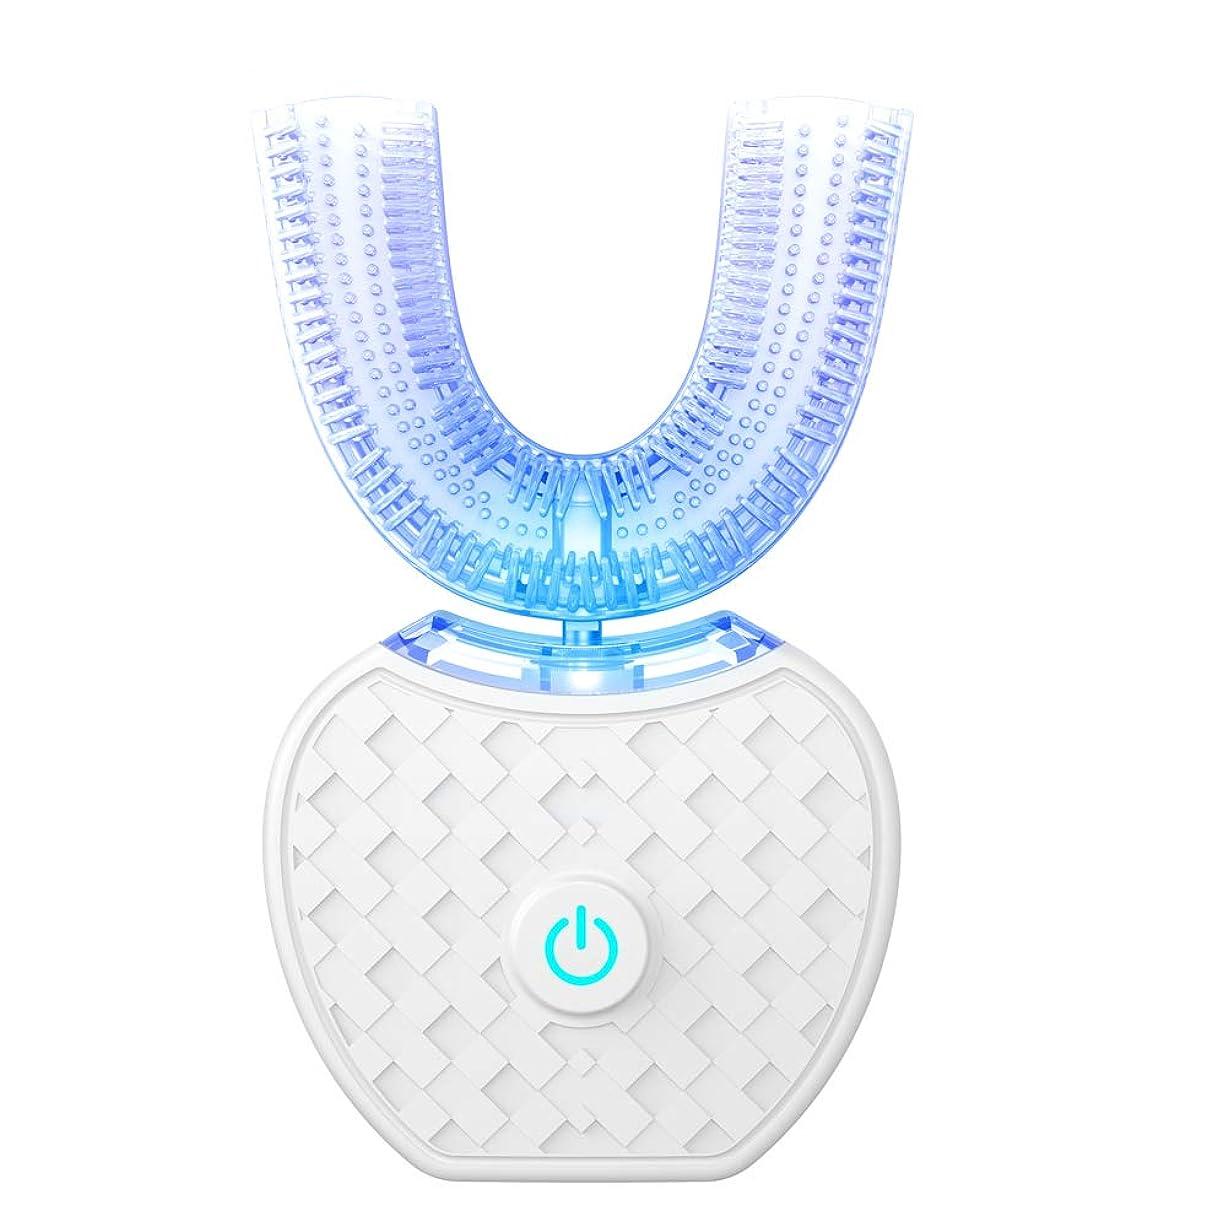 ルーチン取る発動機アップグレード 口腔洗浄器 デンタルケア 電動歯ブラシ ナノブルーレイ美歯 ワイヤレス充電 虫歯予防 U型 360°全方位 ホワイト